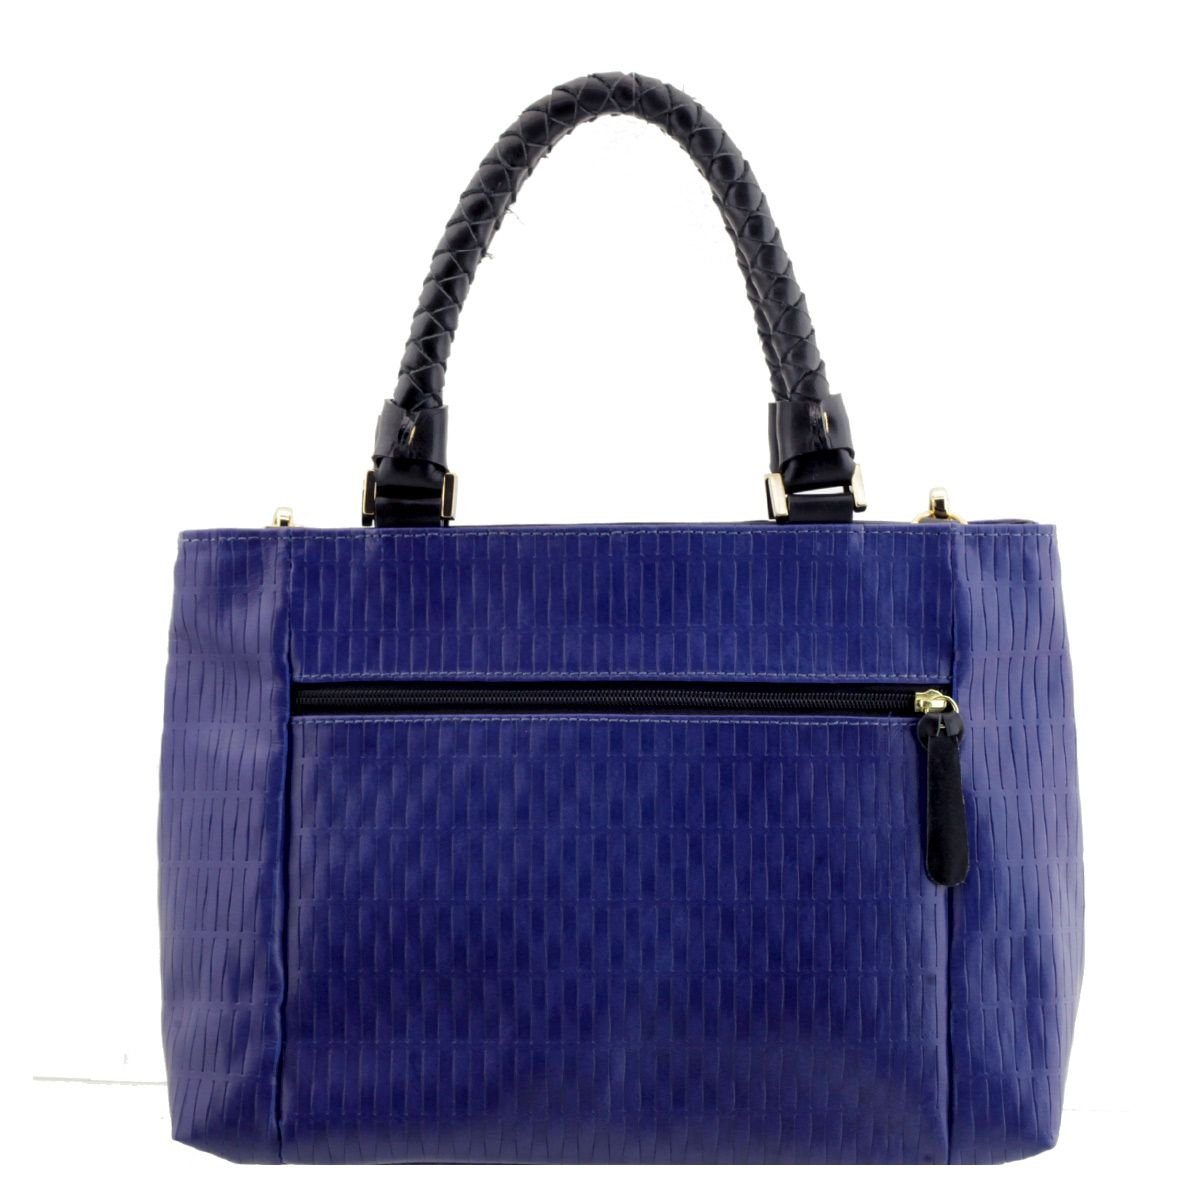 46ea909a8 ... Bolsa Couro Legitimo Tiracolo Azul - ARZON ...